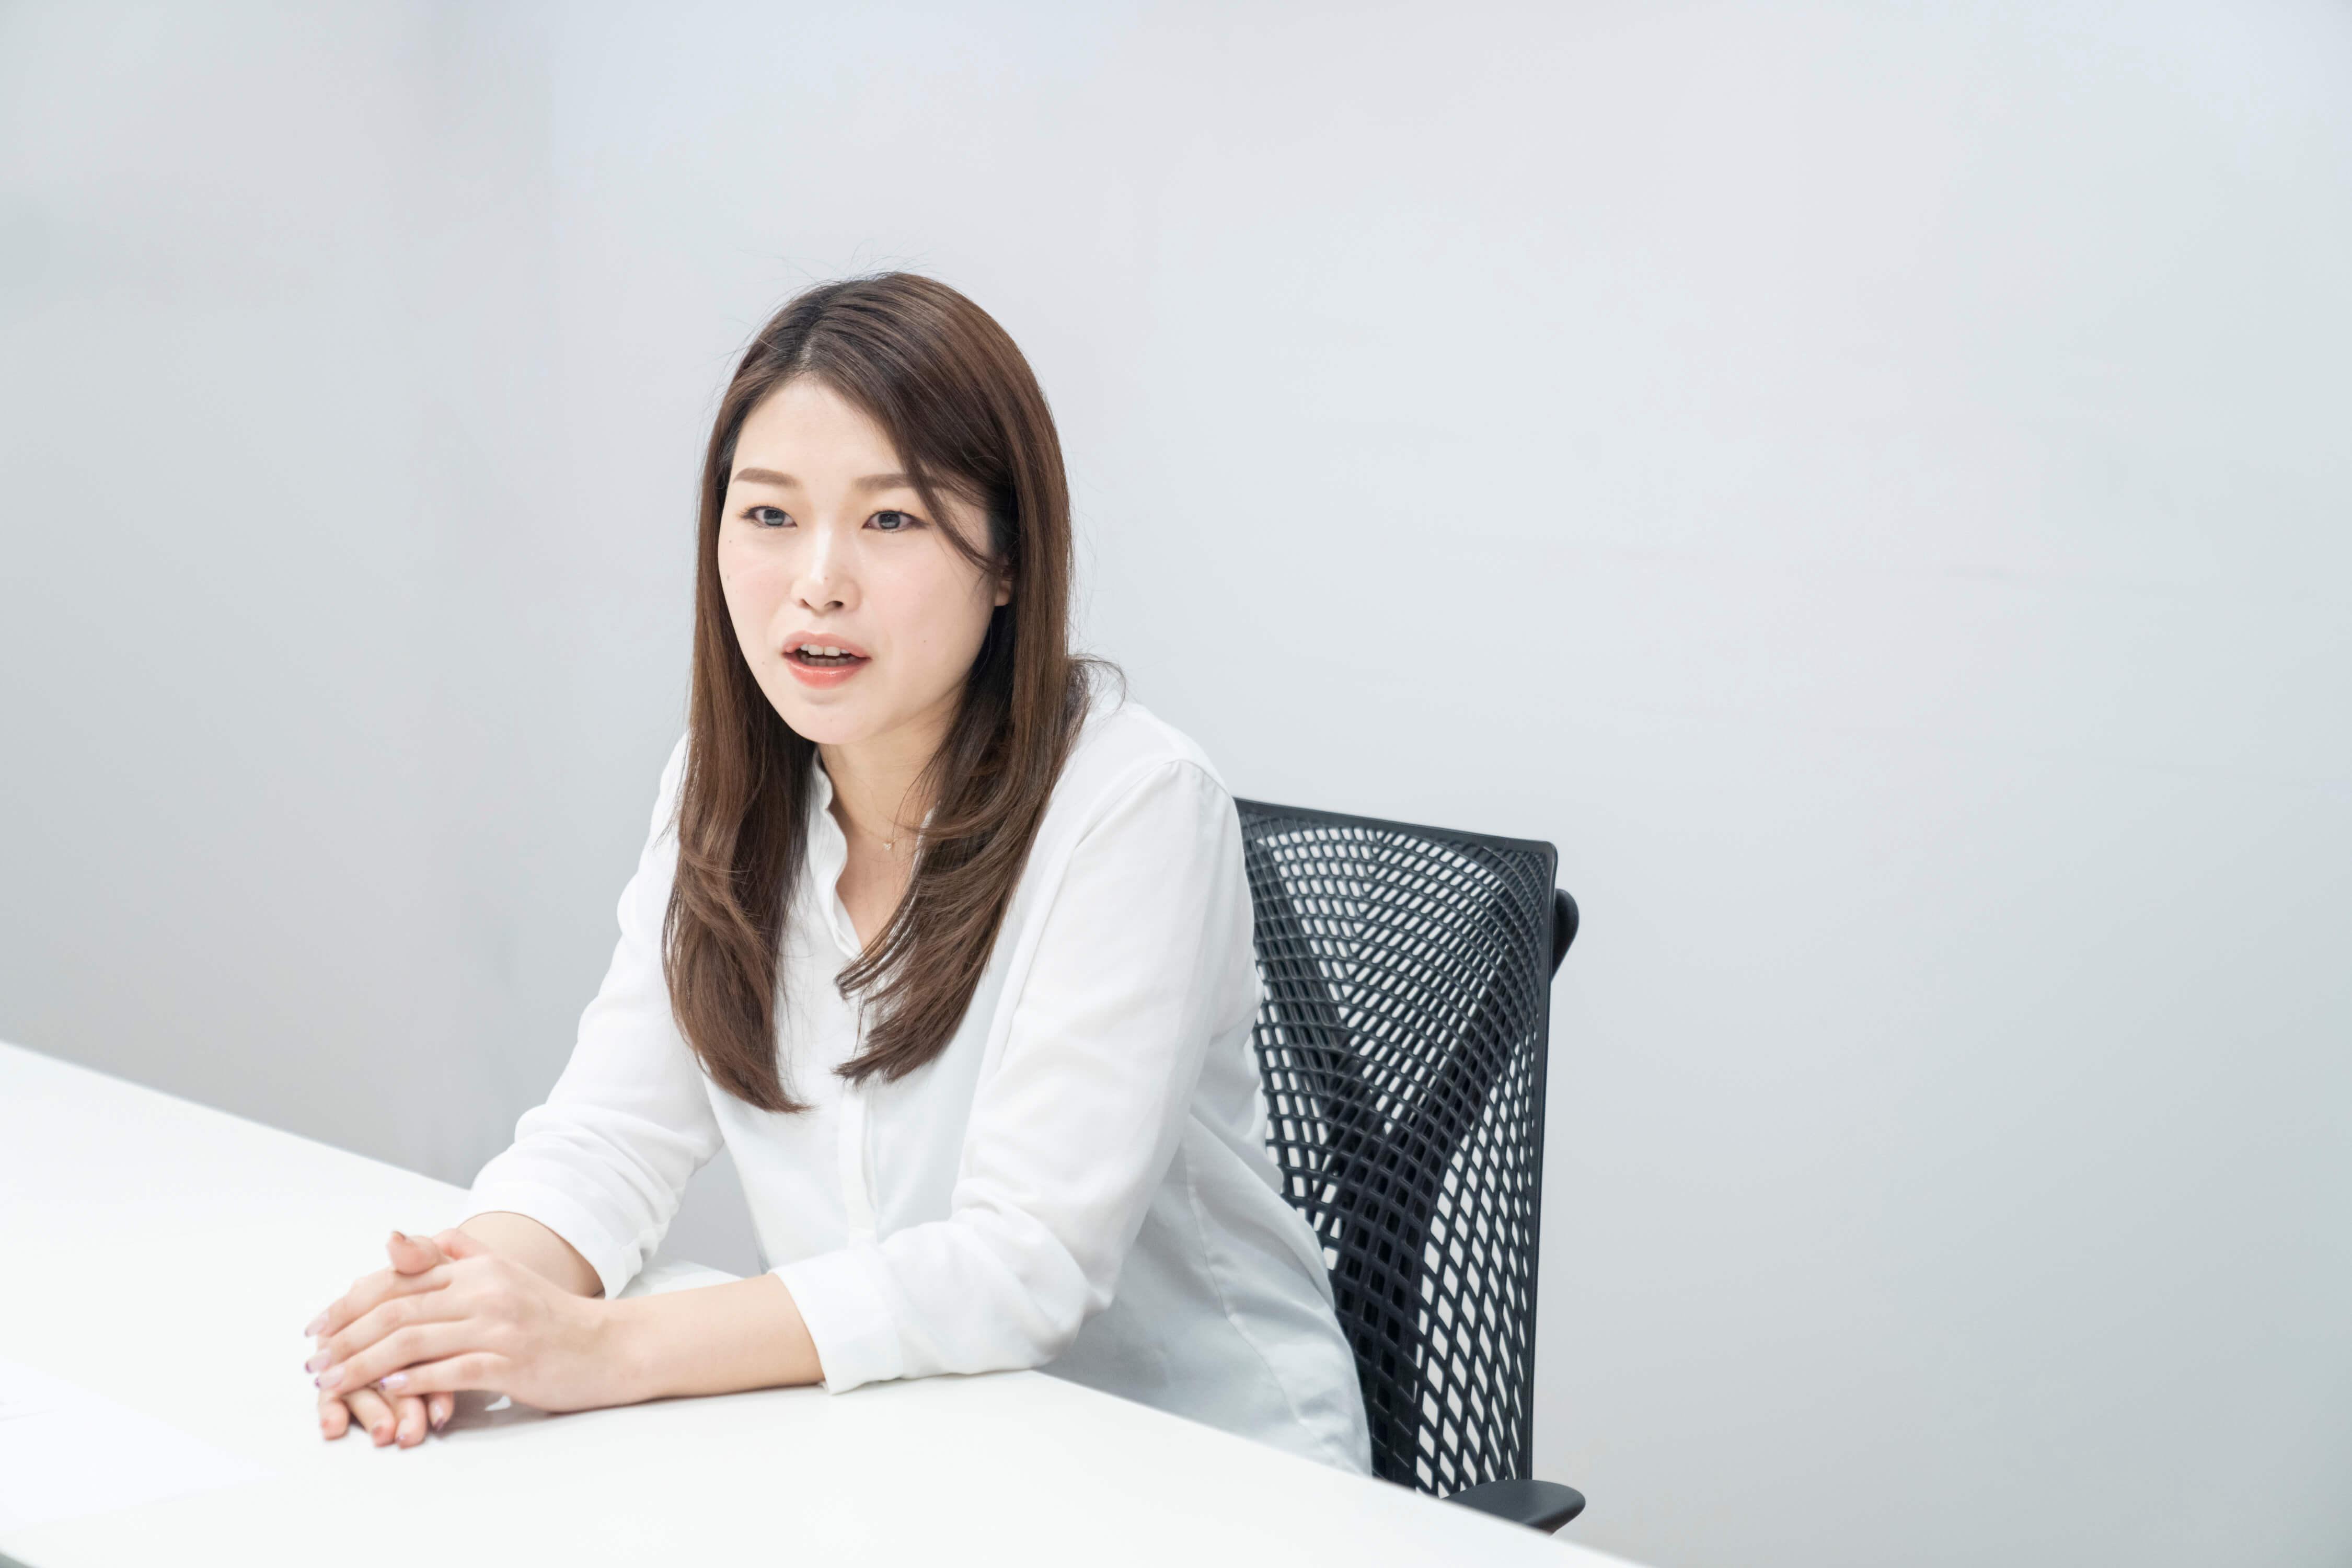 ベルタ様インタビュー①